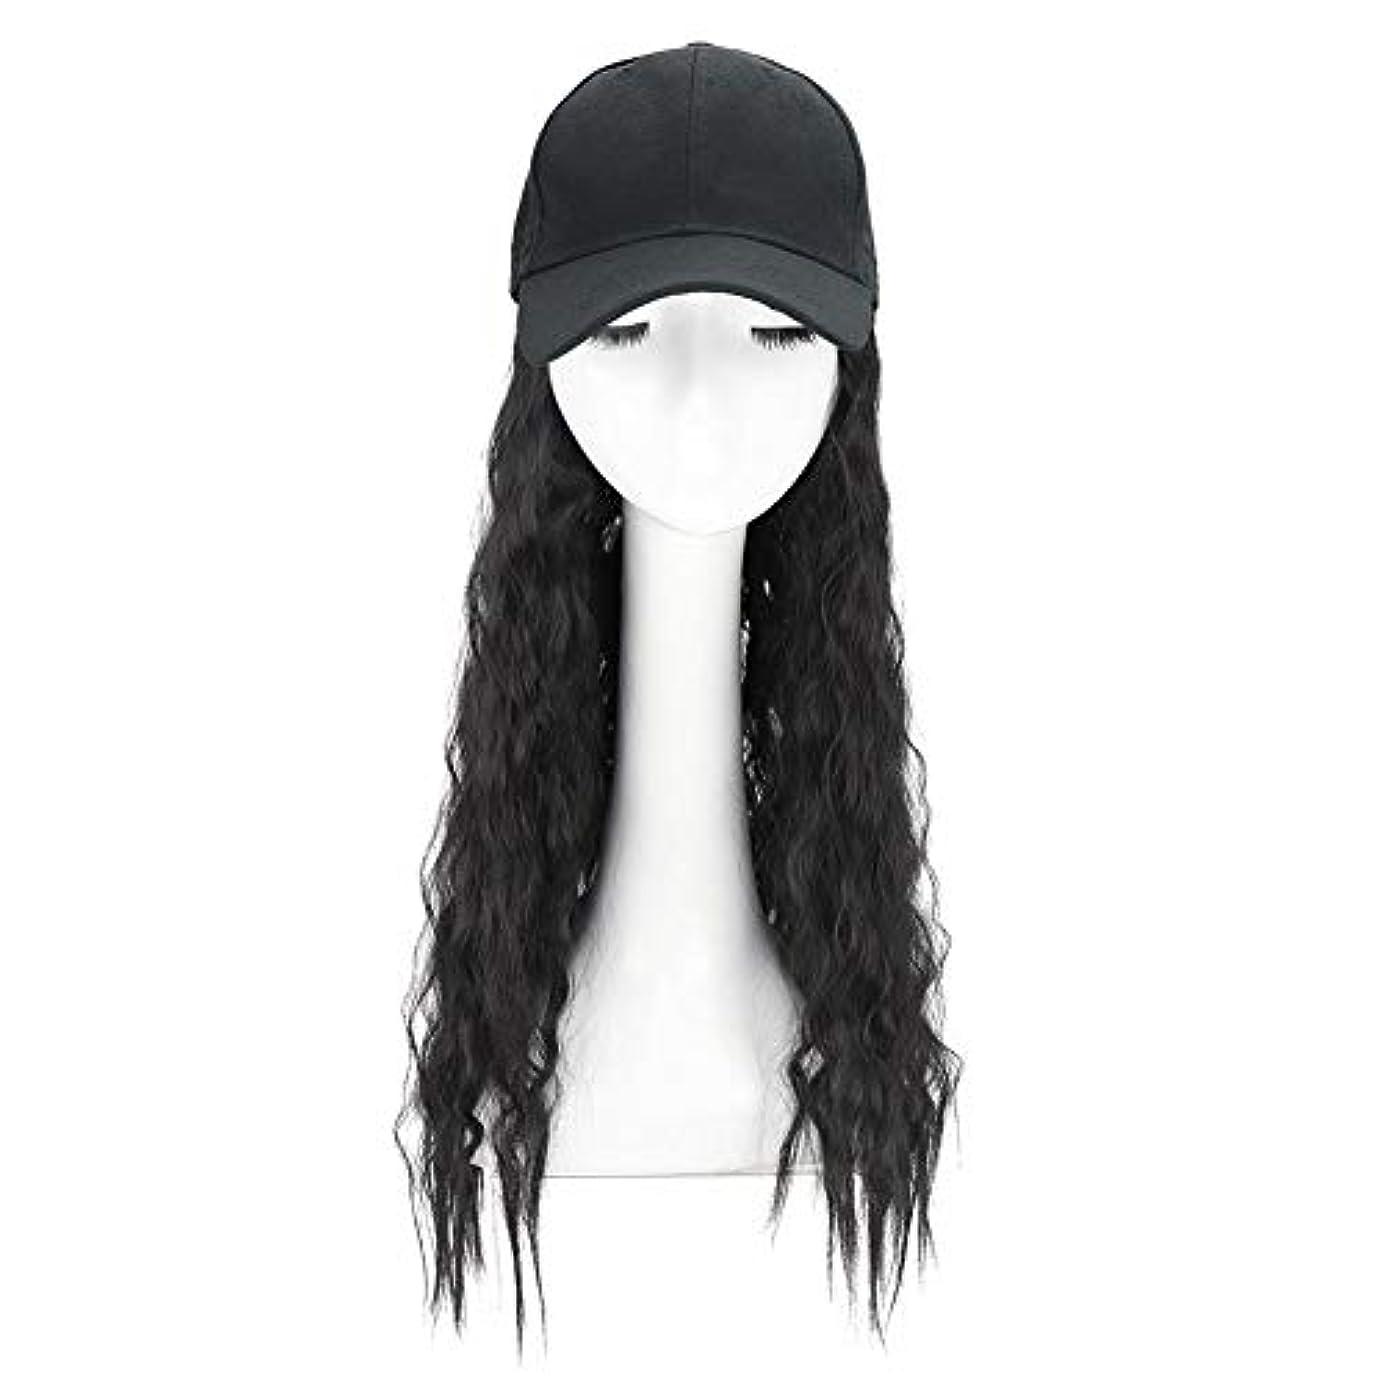 押す城湿度Brill(ブリーオ)帽子ロングカーリーウェーブ女性ファッション野球帽ブラックウィッグ